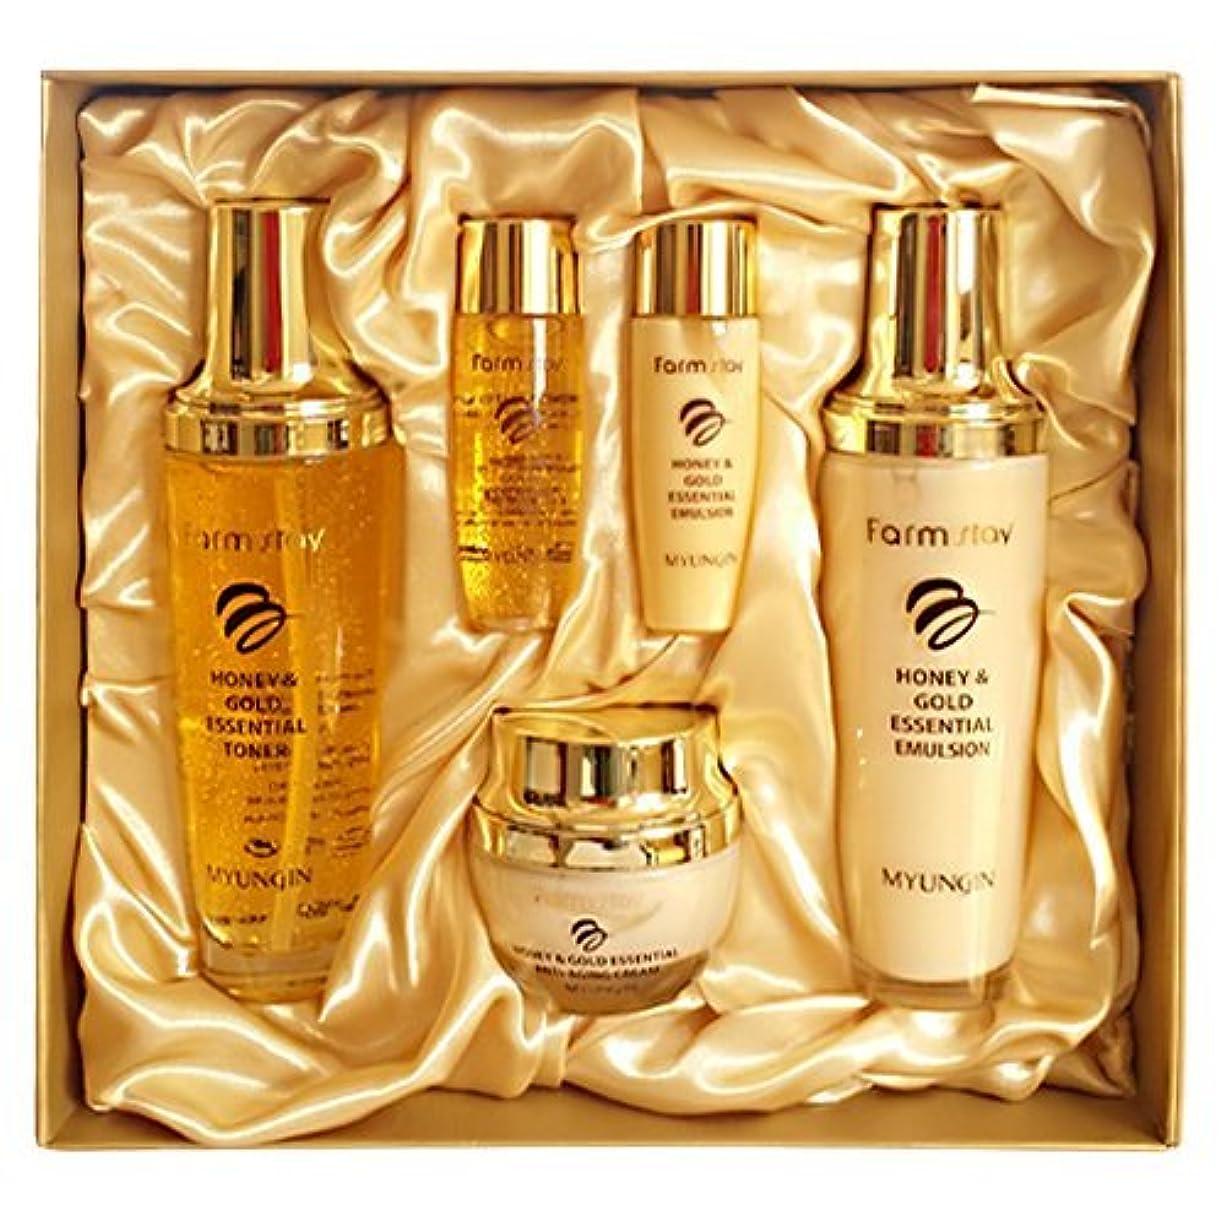 評価可能疲労実験室ファームステイ[韓国コスメFarm Stay]Honey & Gold Essential Skin Care 3set ハニーゴールドエッセンシャルスキンケア3セット [並行輸入品]